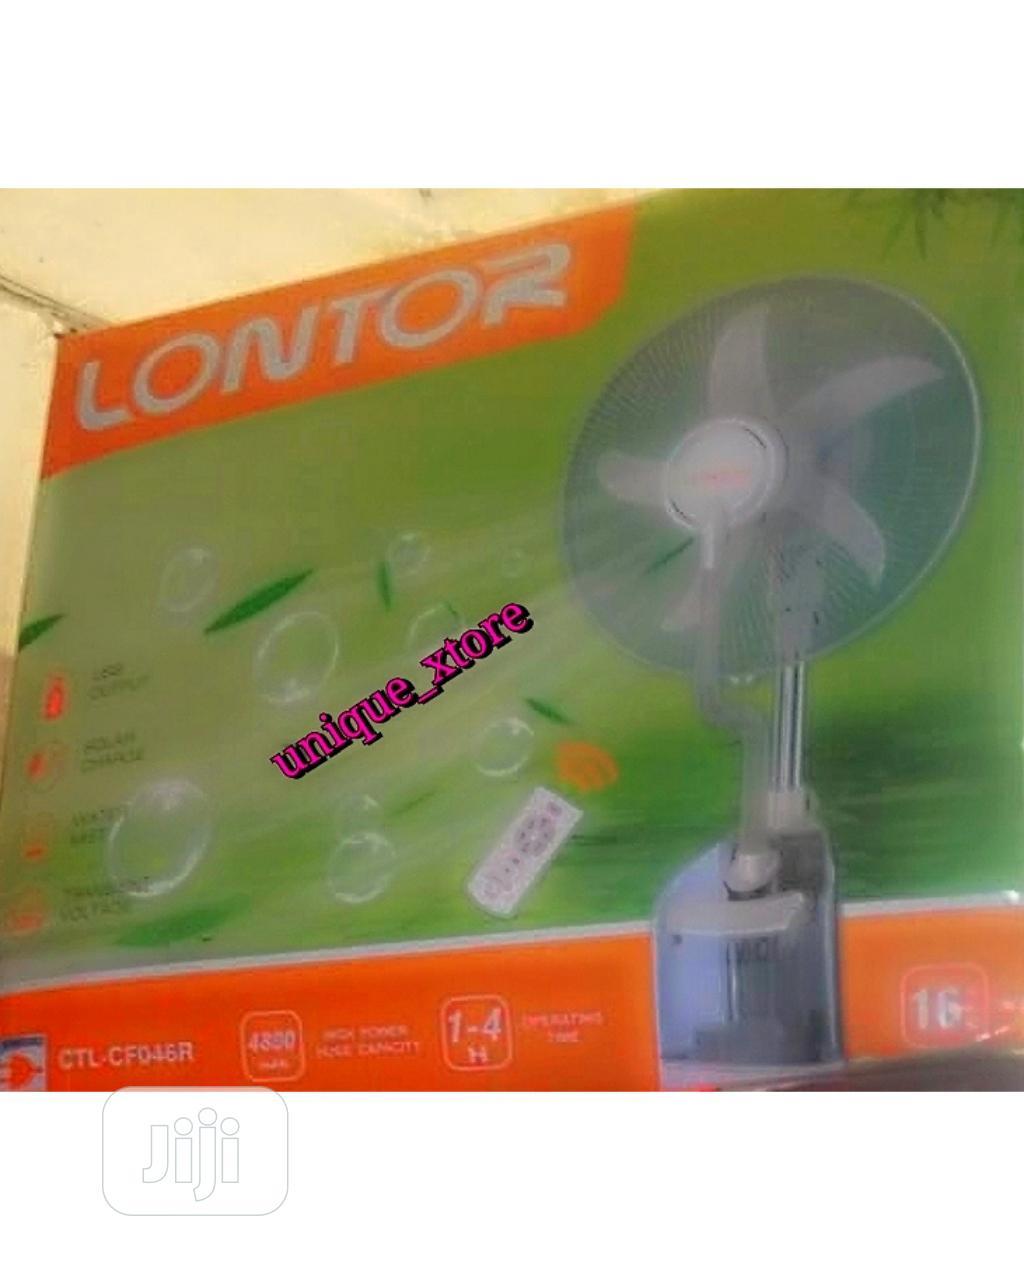 Lontor Rechargeable Mist Fan